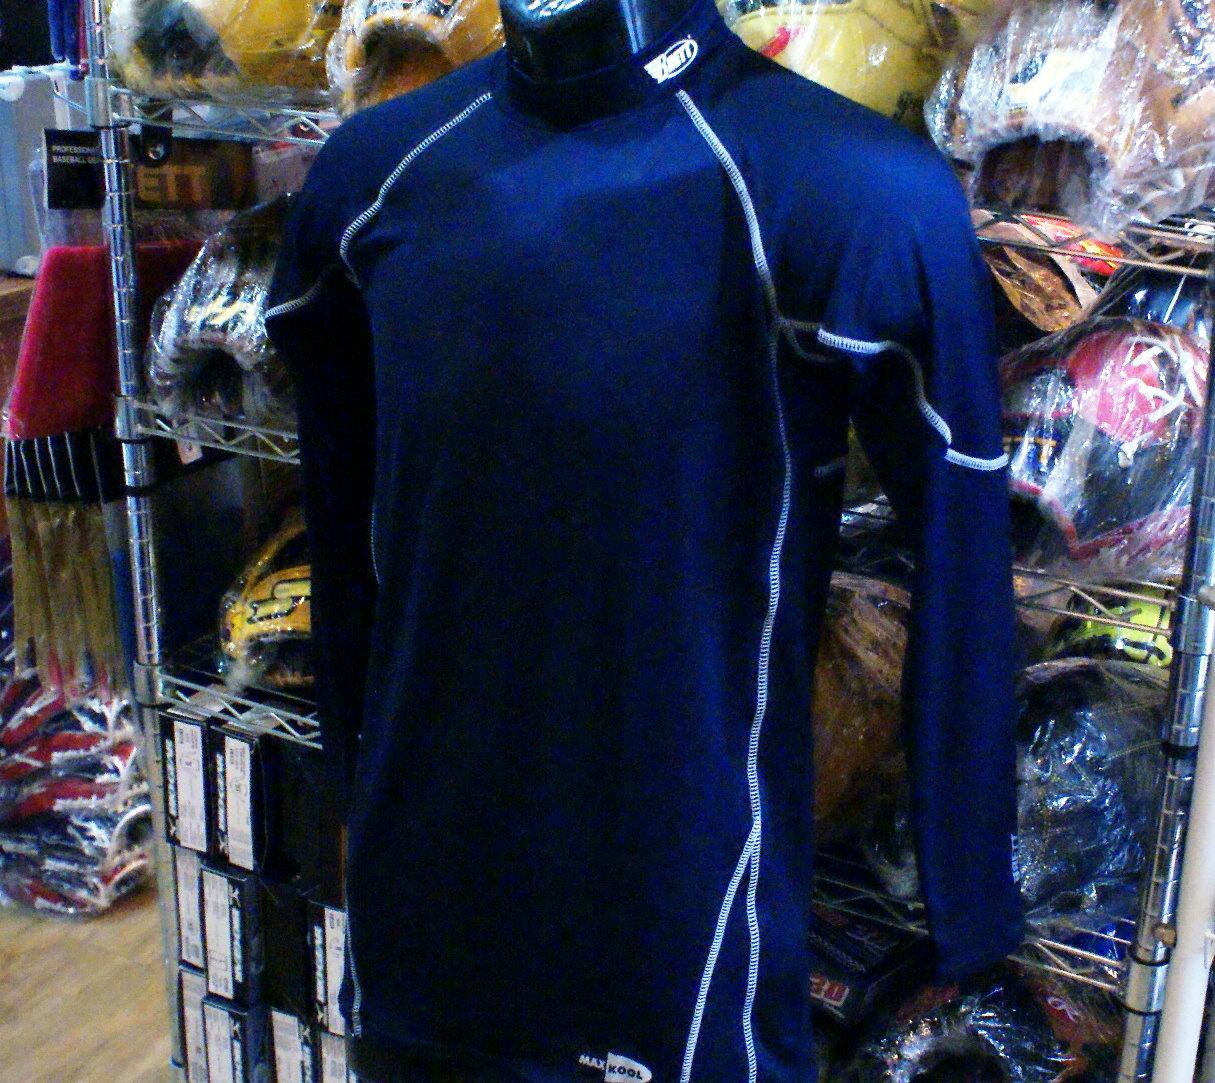 棒球世界 BRETT 新款3D棒壘專用長袖緊身衣 特價 深藍色